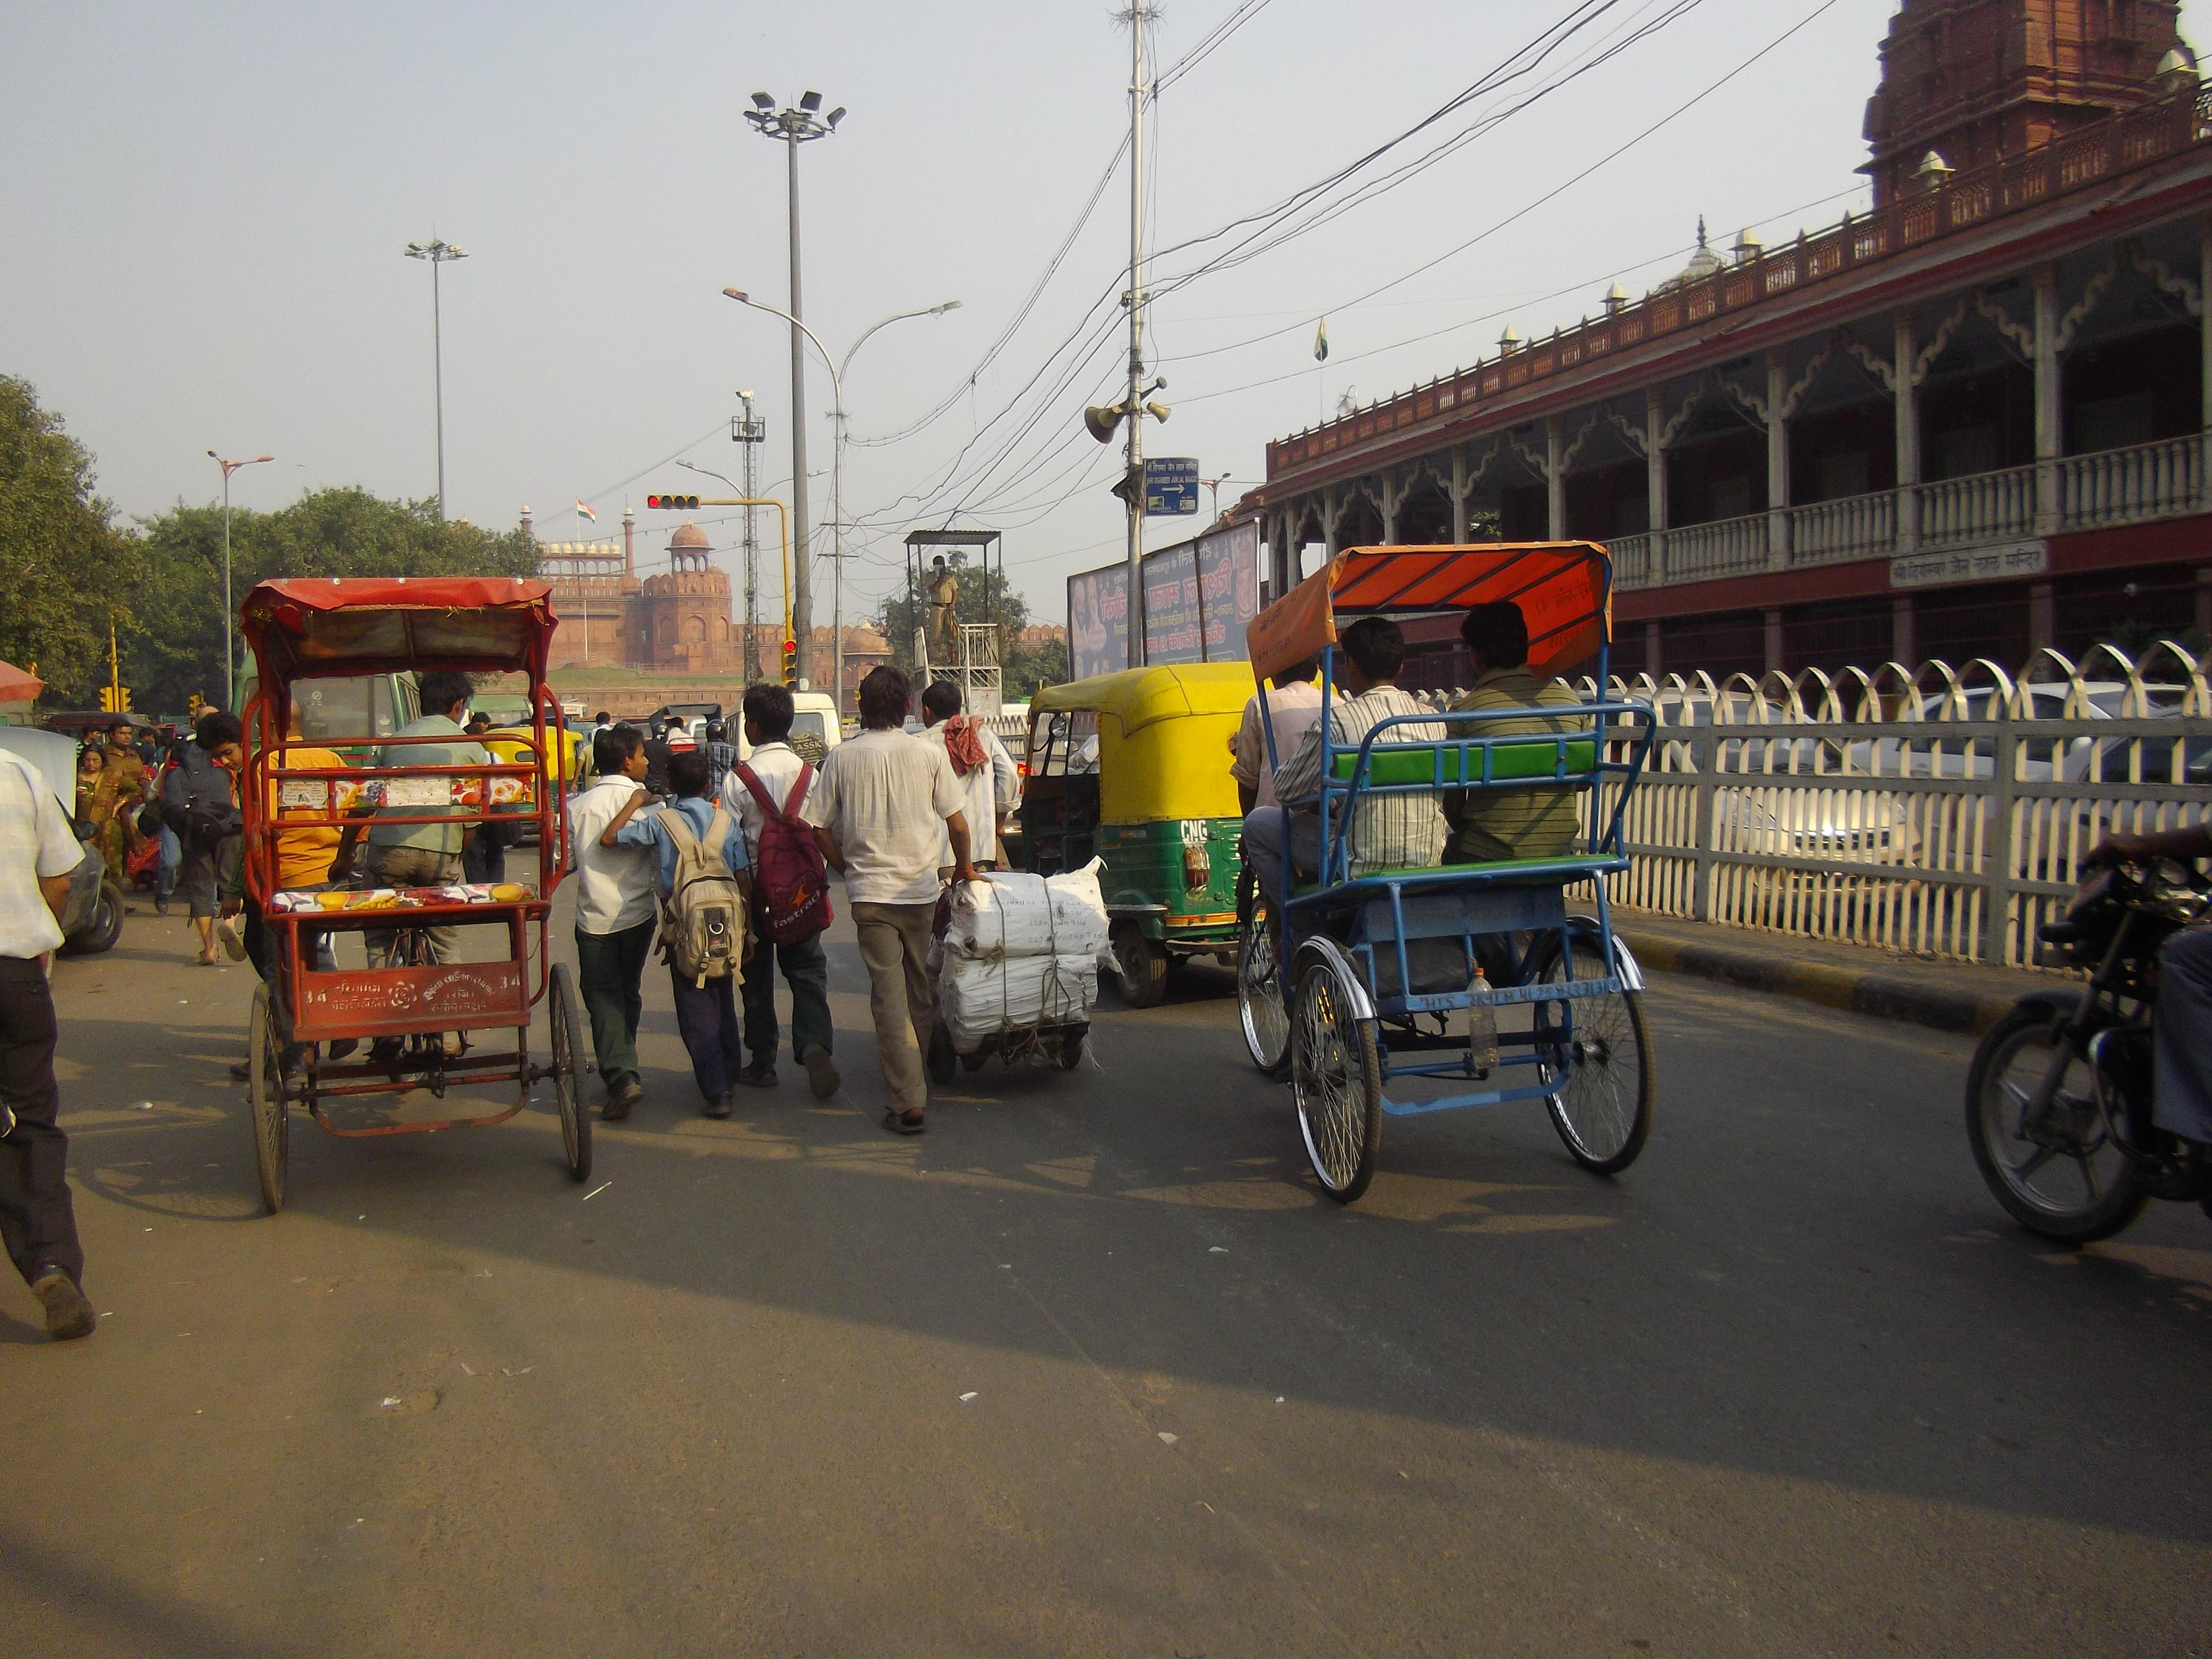 rue delhi